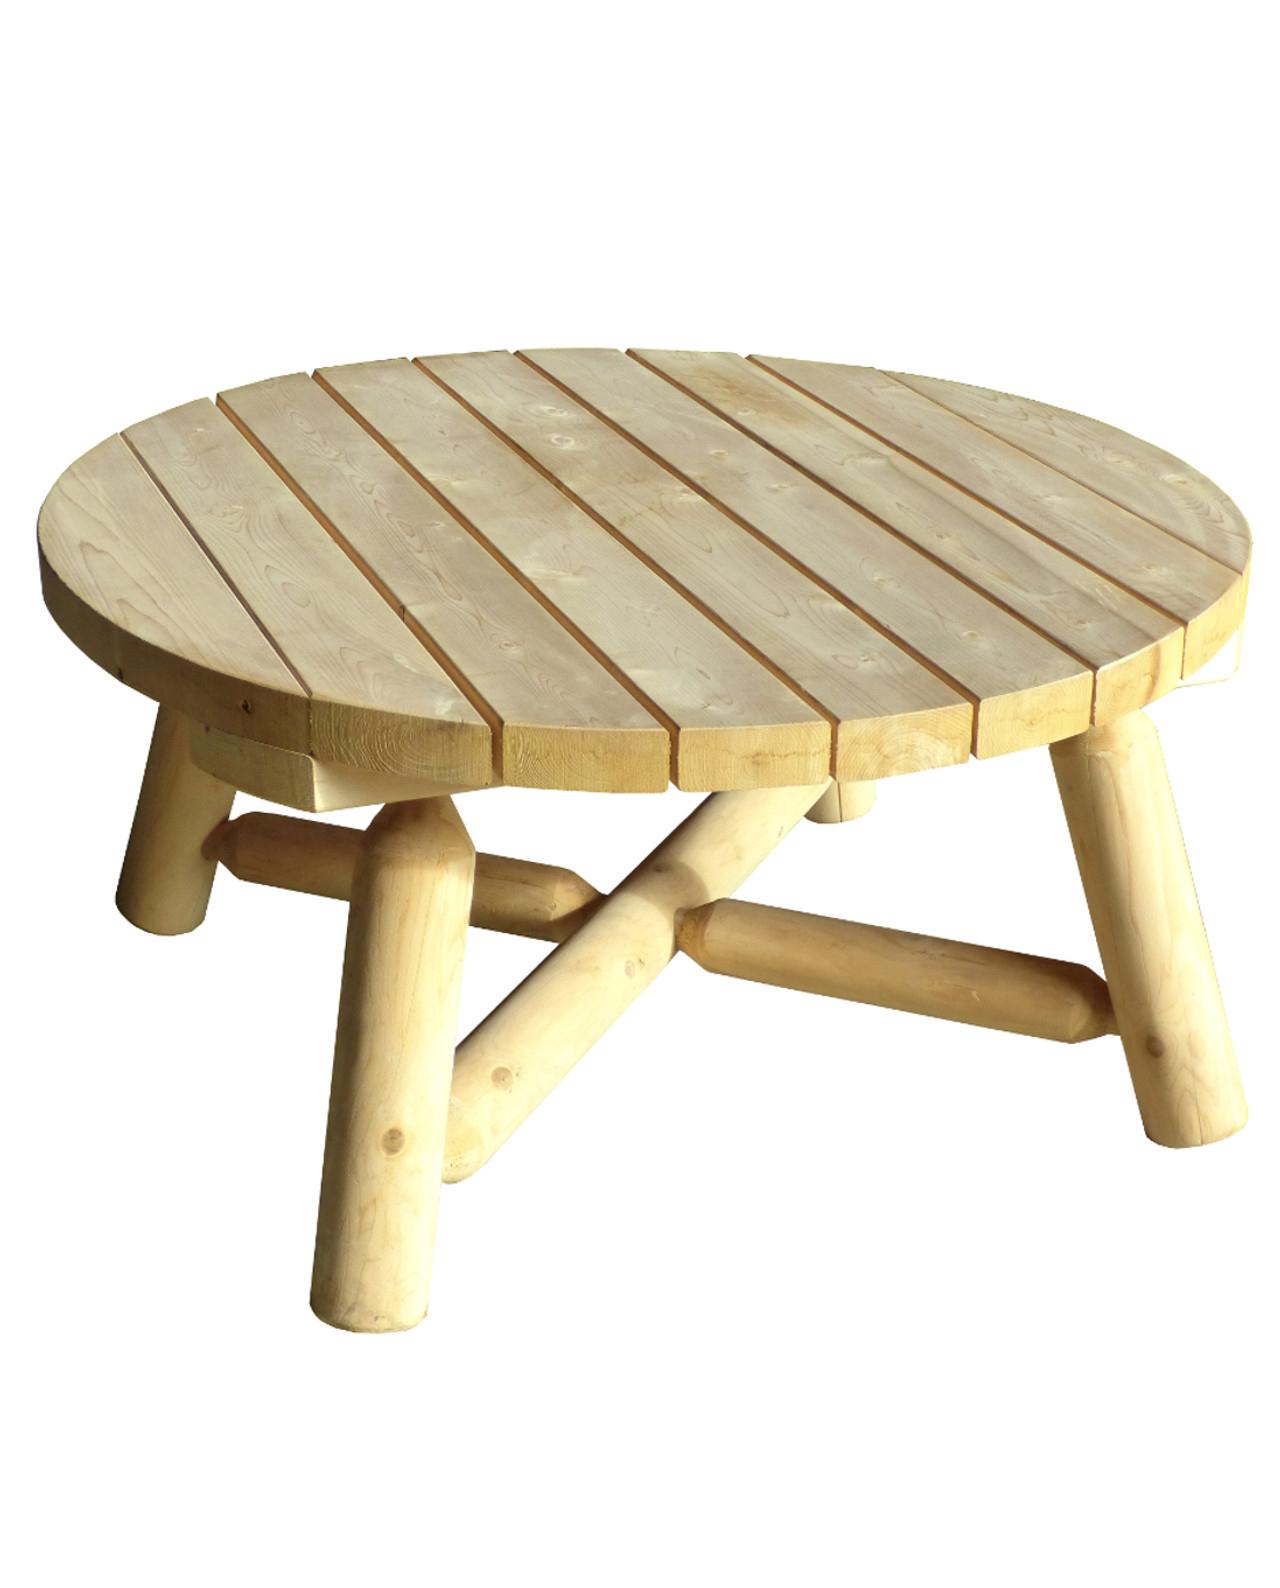 Table Basse De Jardin En Bois De Cèdre Blanc - Grand Modèle avec Table De Jardin Ronde En Bois